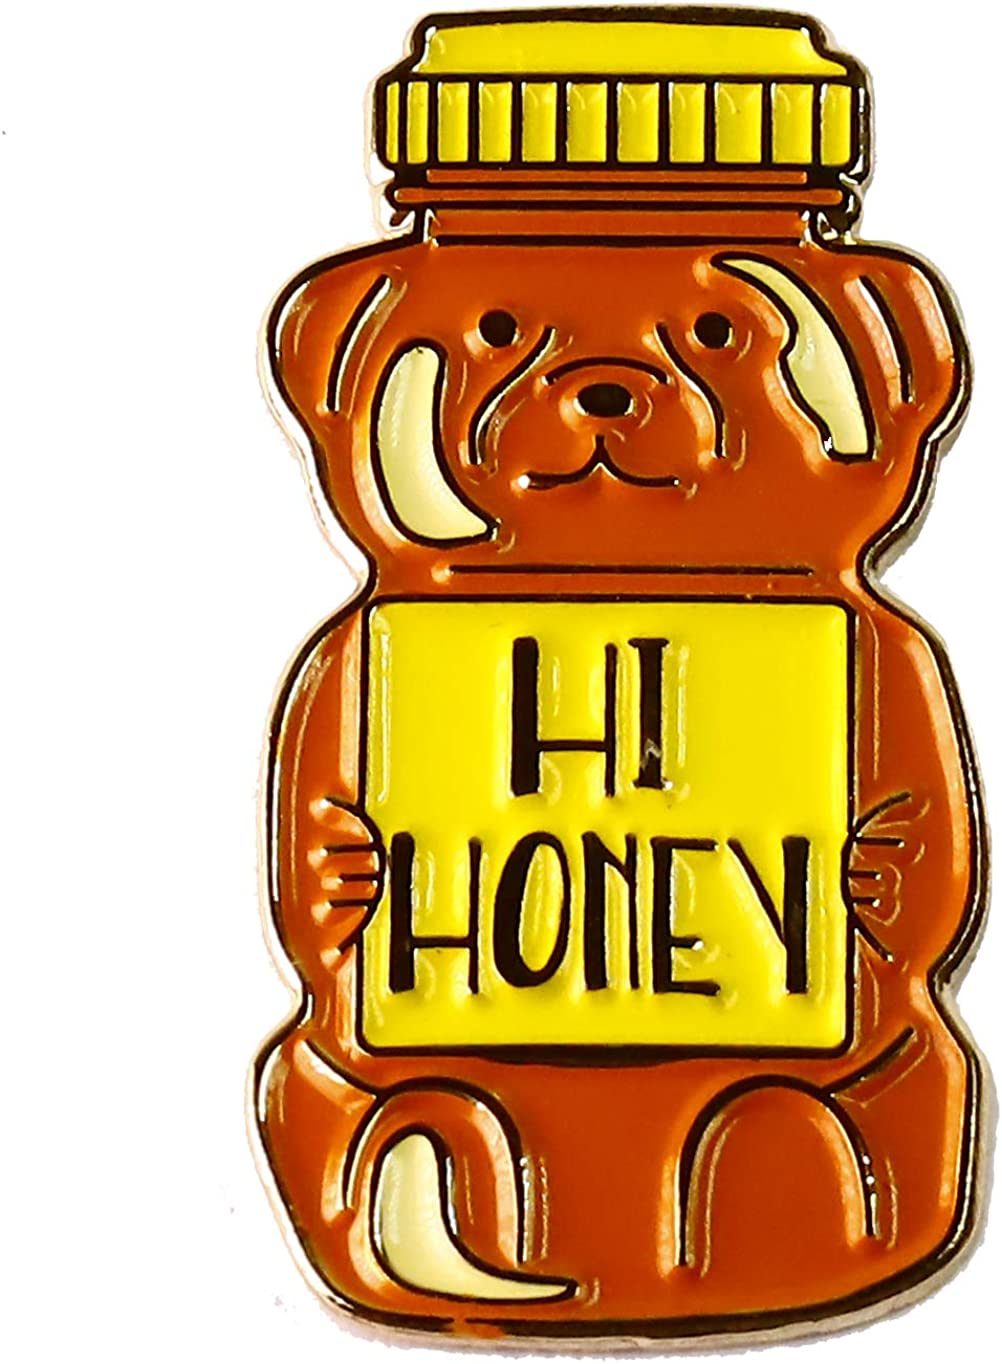 WizardPins Hi Honey Honey Bear Cute Enamel Lapel Pin